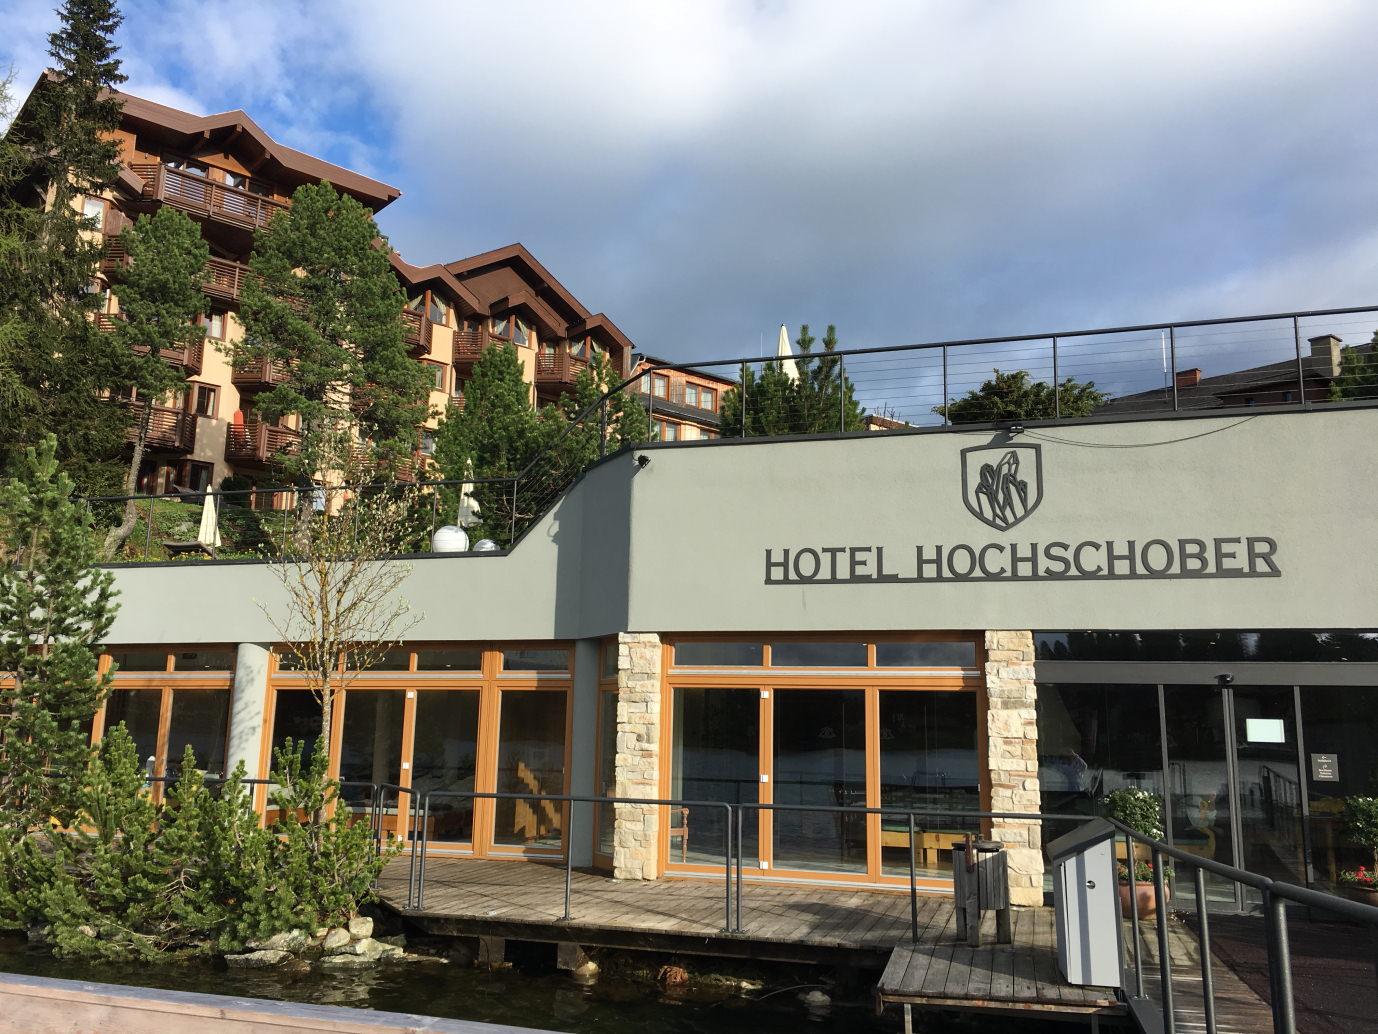 Hotel Hochschober TurracherHöhe